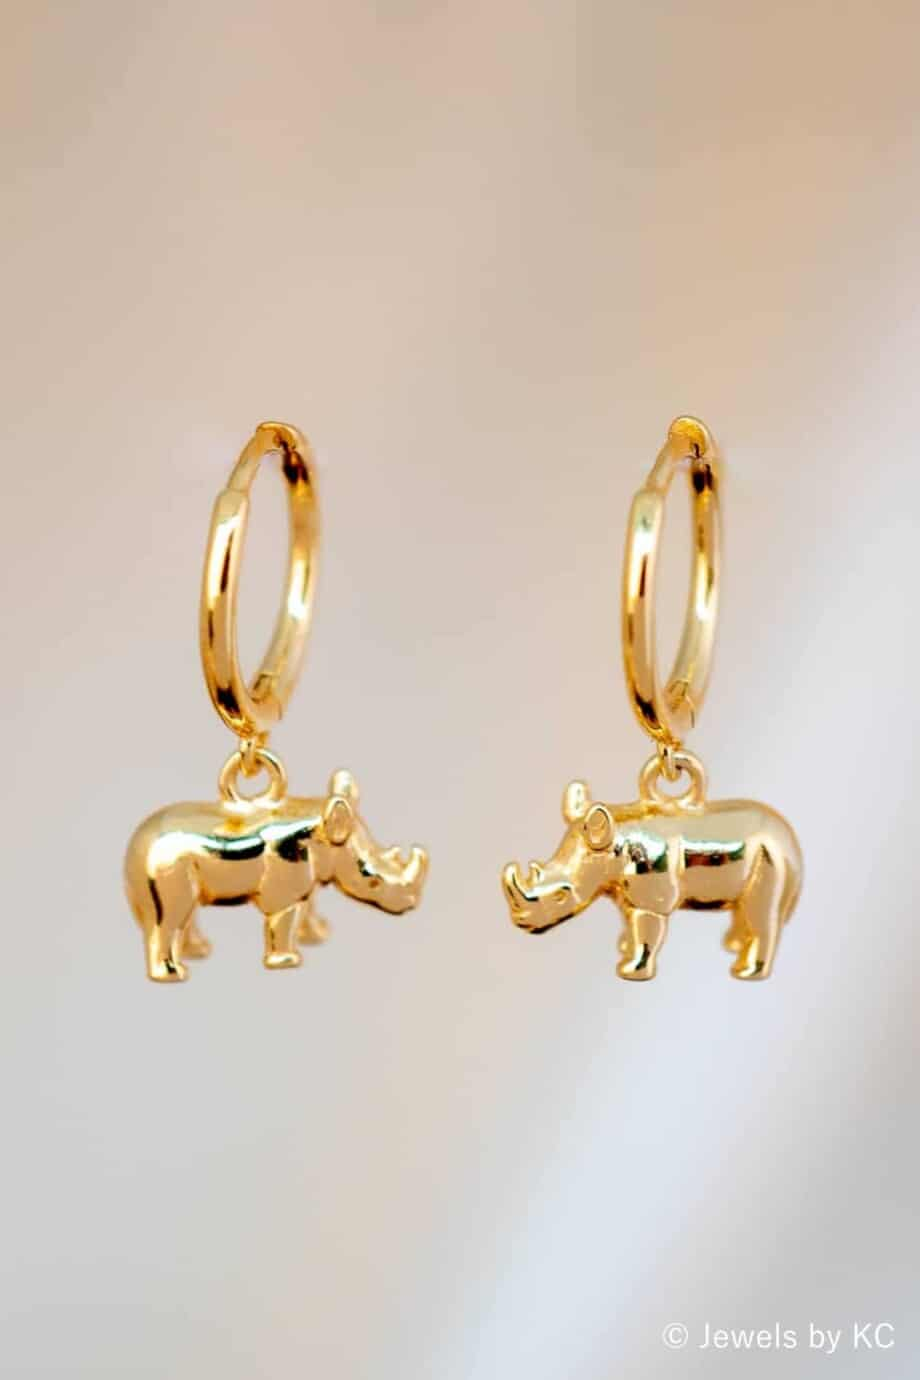 Gouden Neushoorn oorbellen van Goud op Zilver